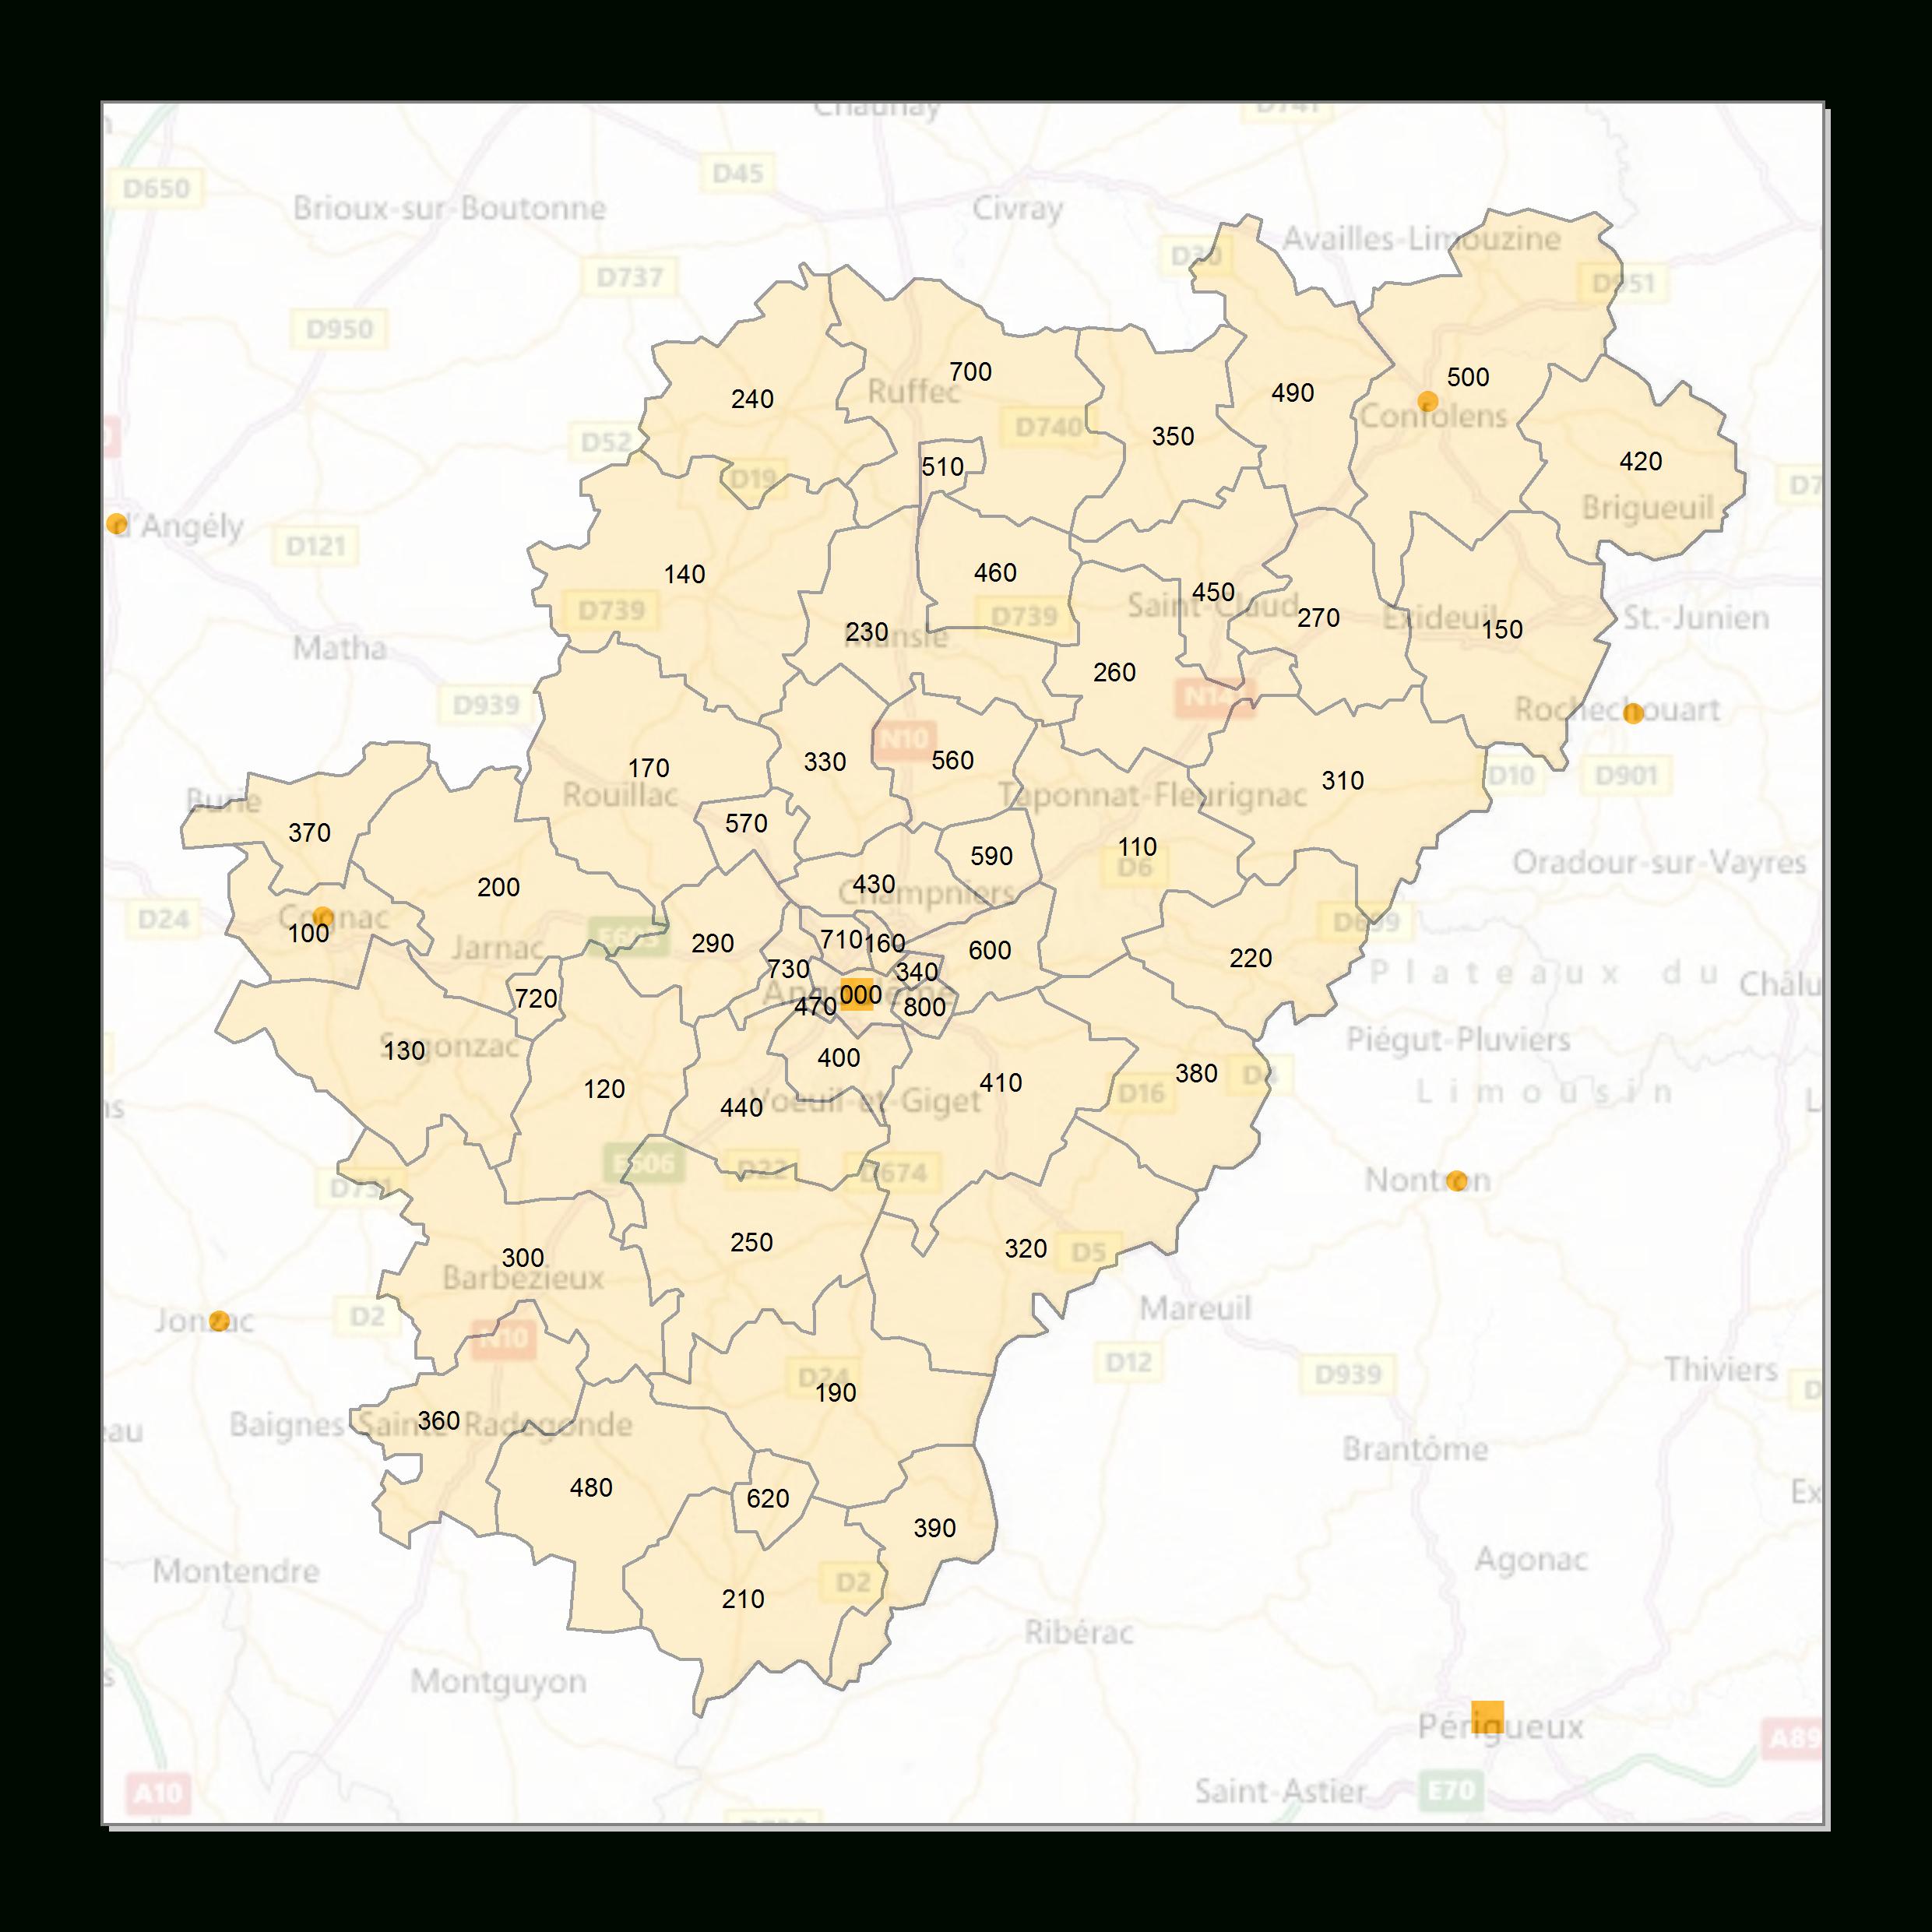 Atlas Des Codes Postaux - Cartes Des Départements De France serapportantà Ile De France Département Numéro